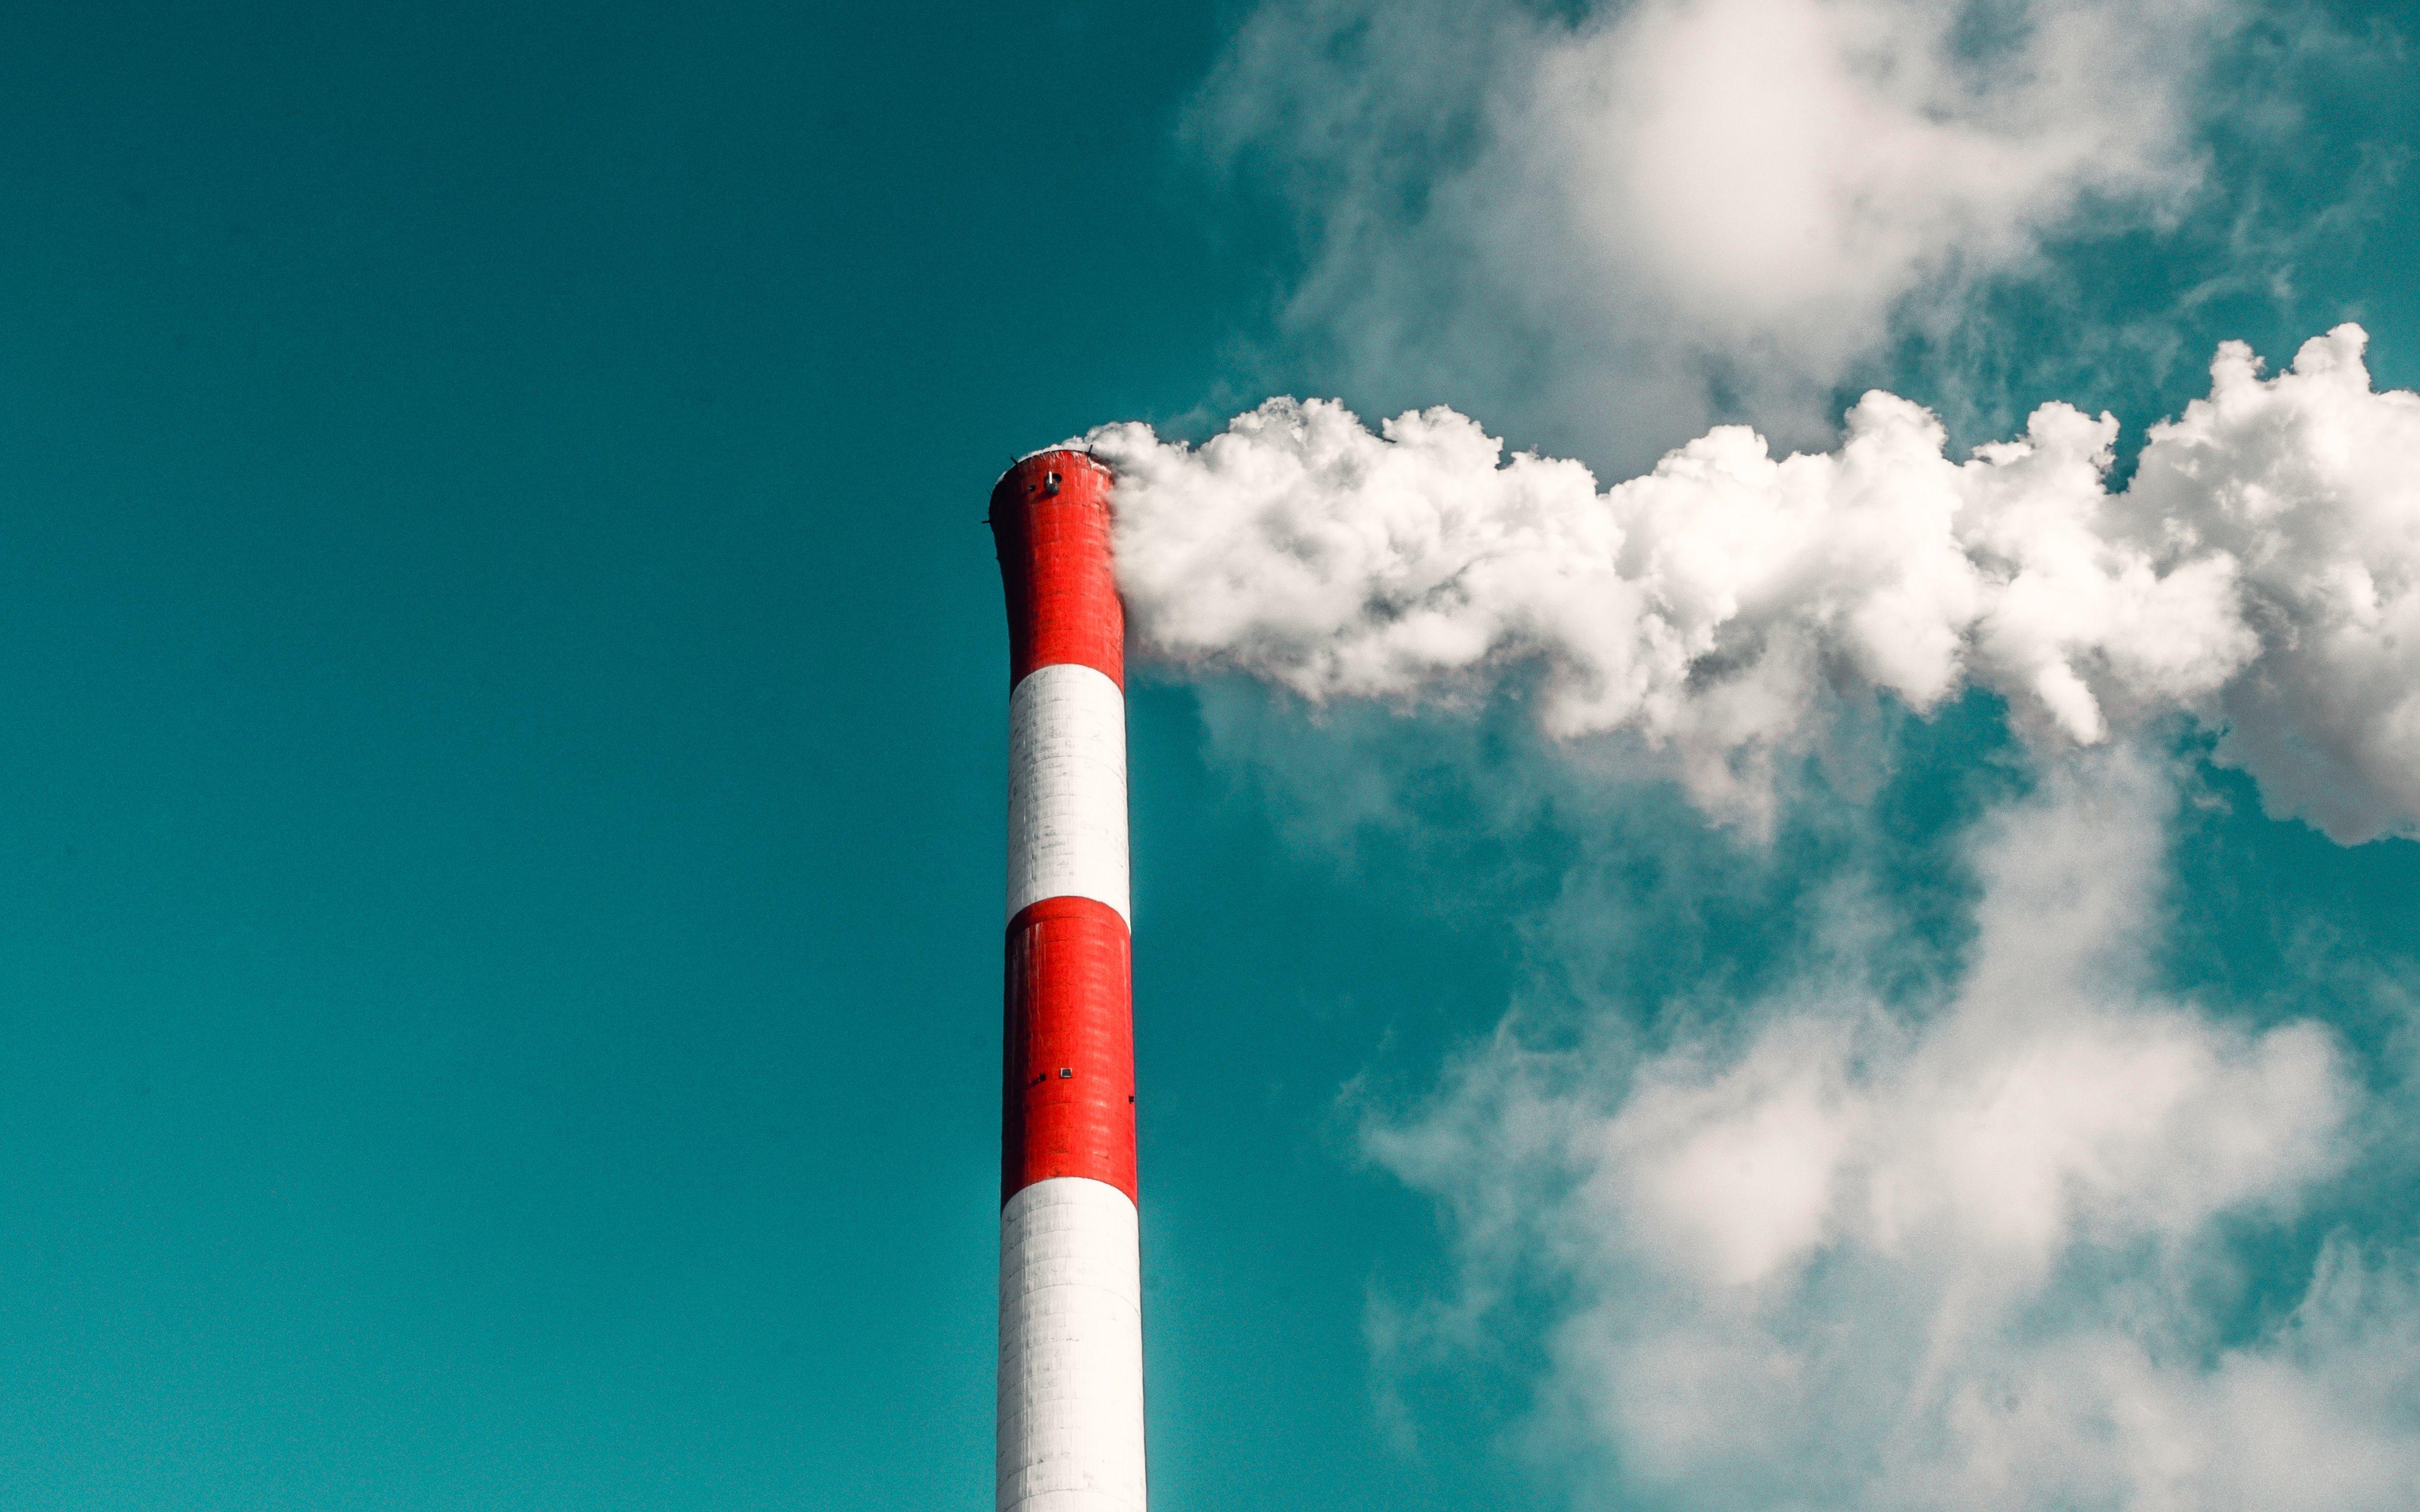 Nederlandse staat voor de rechter om vervuilde lucht